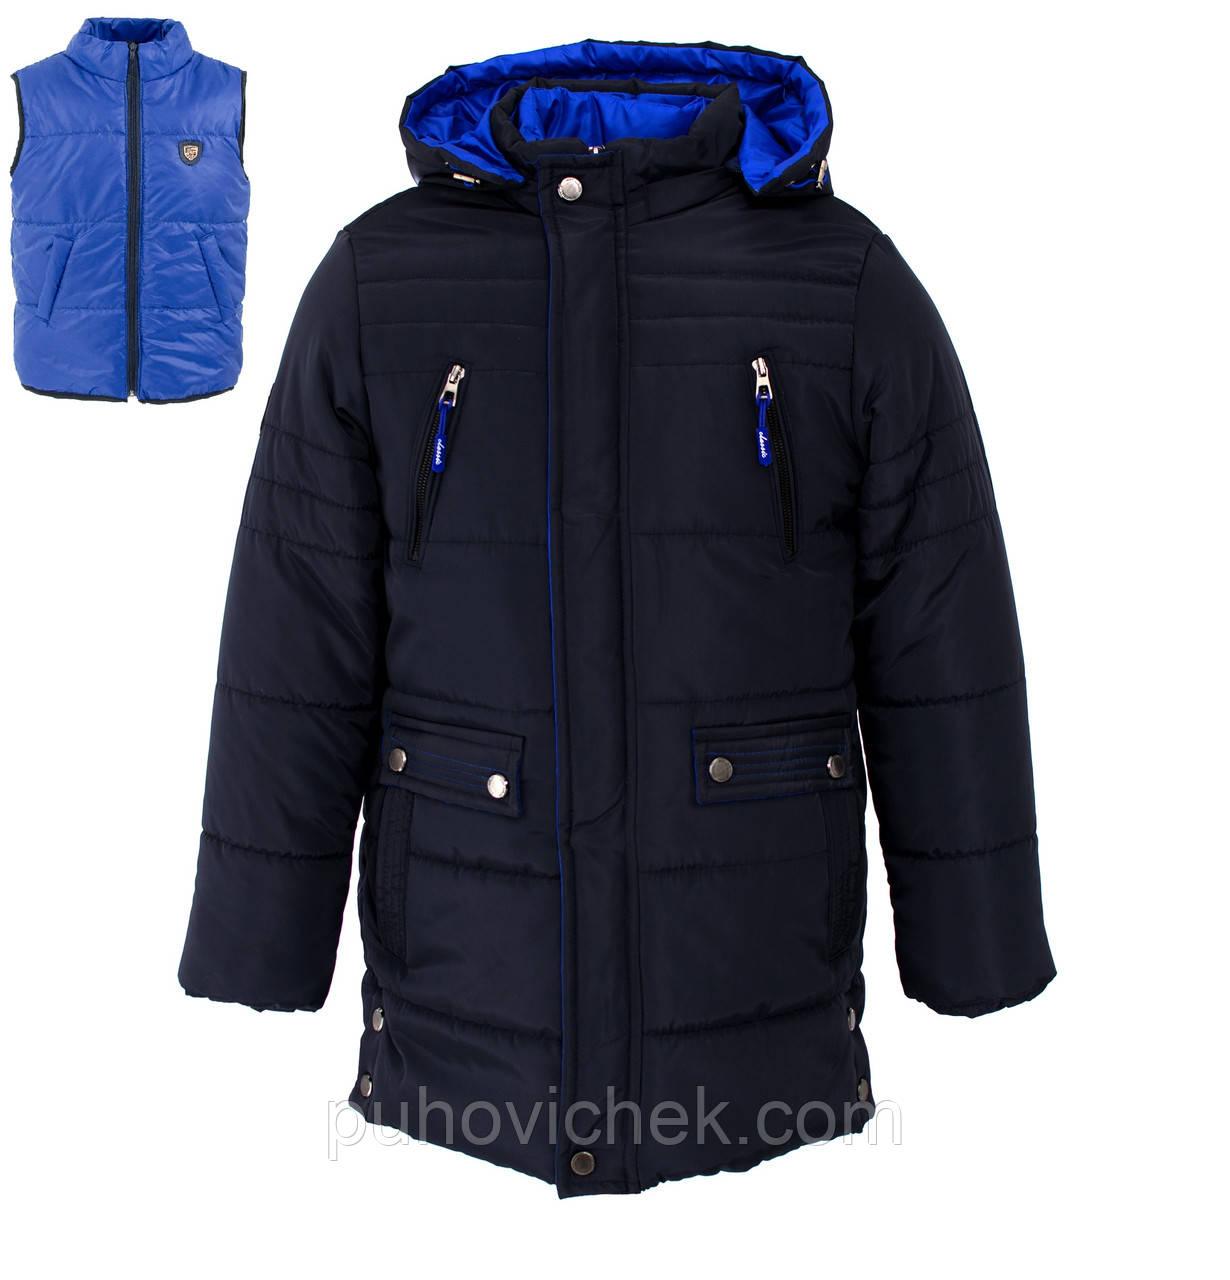 Зимняя куртка пуховик для мальчика размеры 140-158